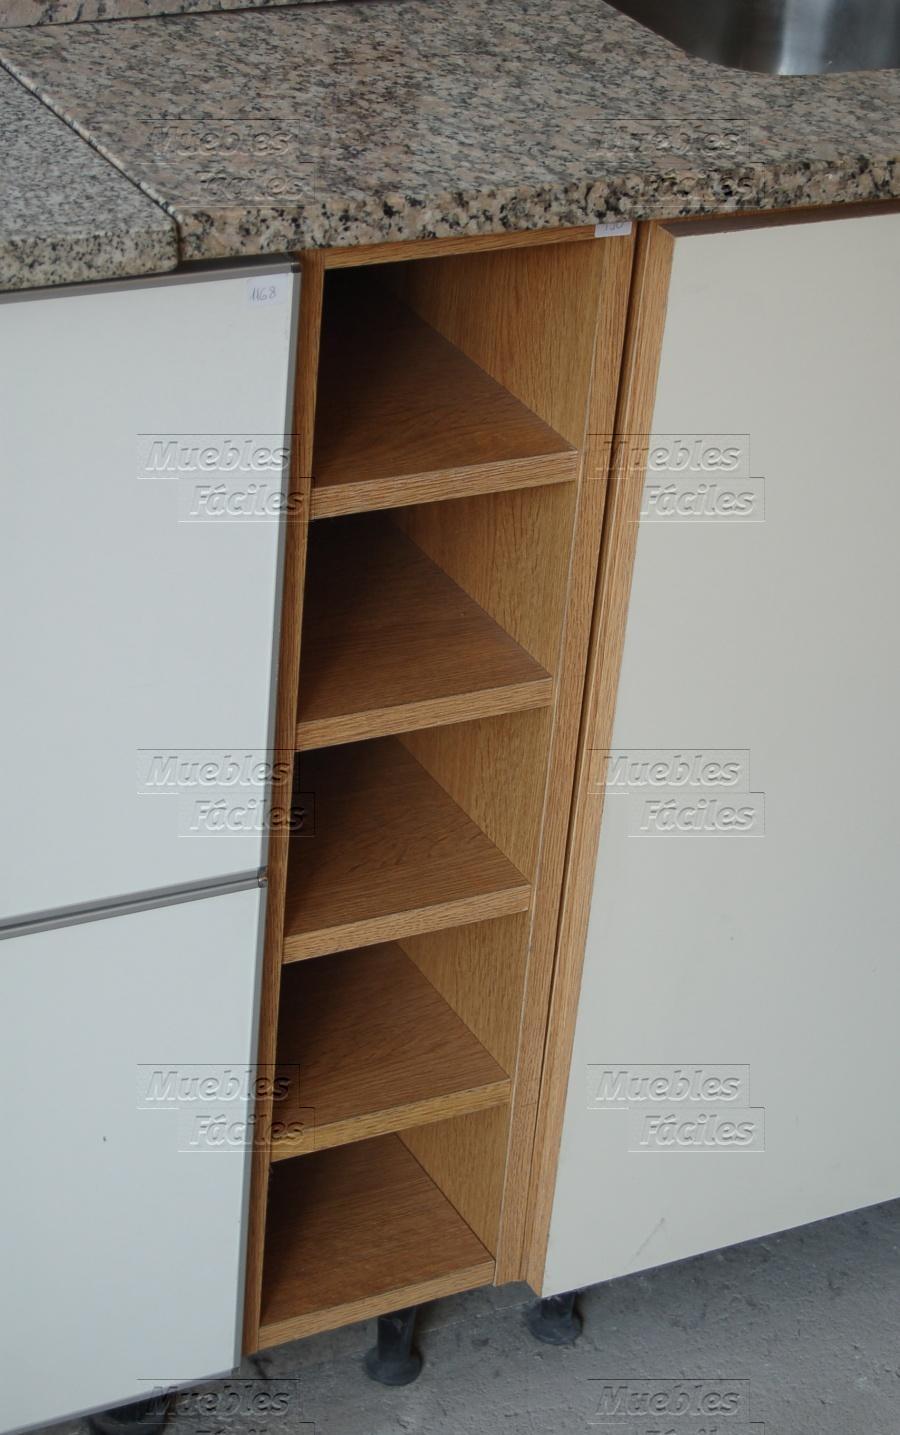 Muebles F Ciles Productos De Cocina Botellero Bajomesada 15cm # Muebles Botelleros